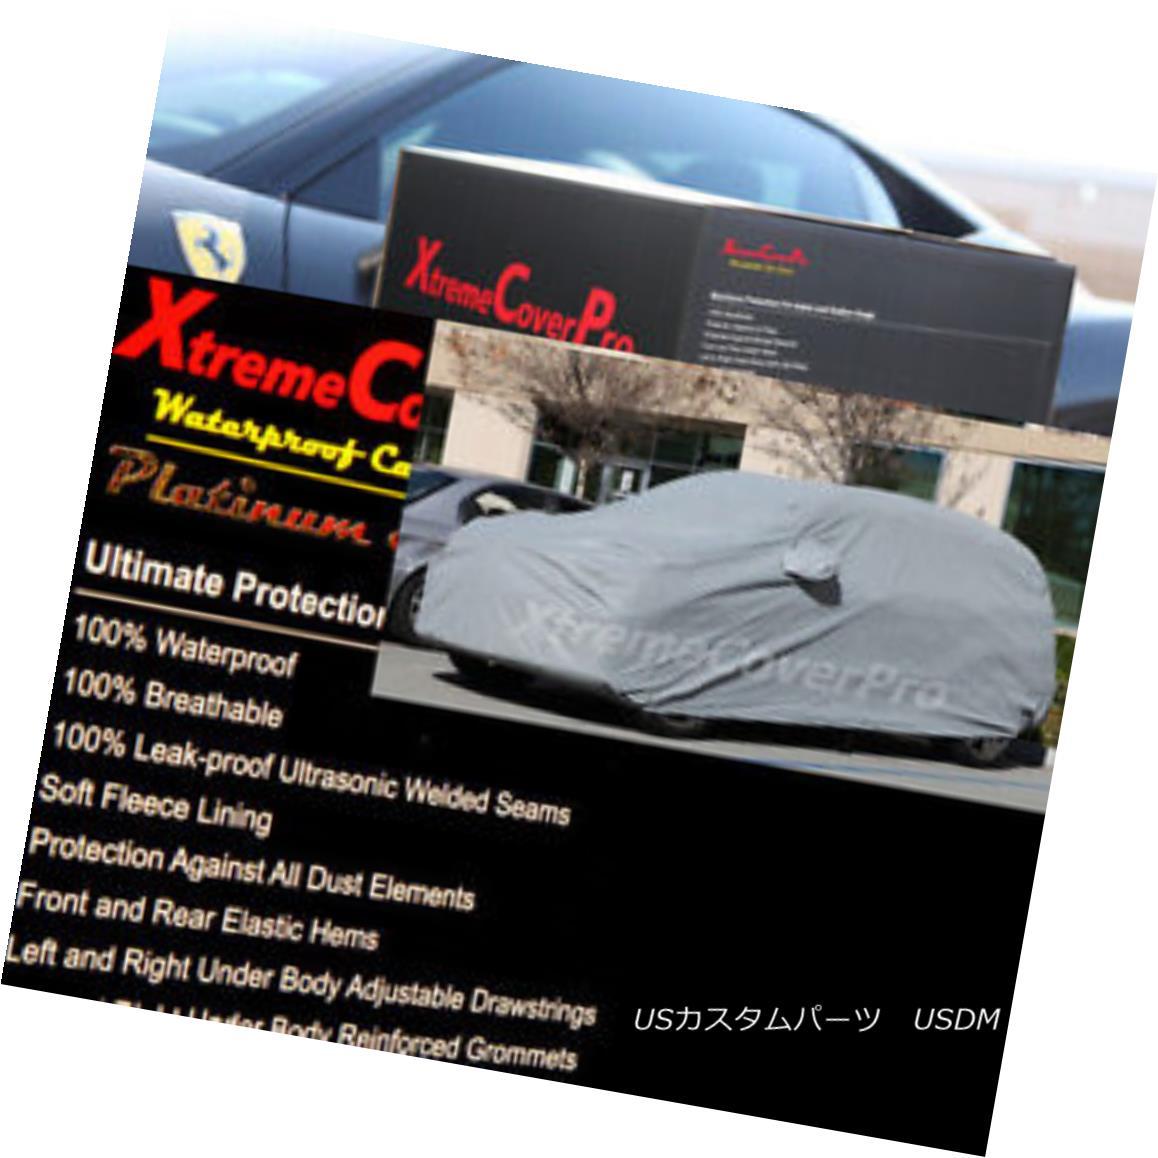 カーカバー 2010 2011 2012 2013 Chevy Suburban Waterproof Car Cover w/MirrorPocket 2010年2011年2013年シボレー郊外防水カーカバー付きMirrorPocket